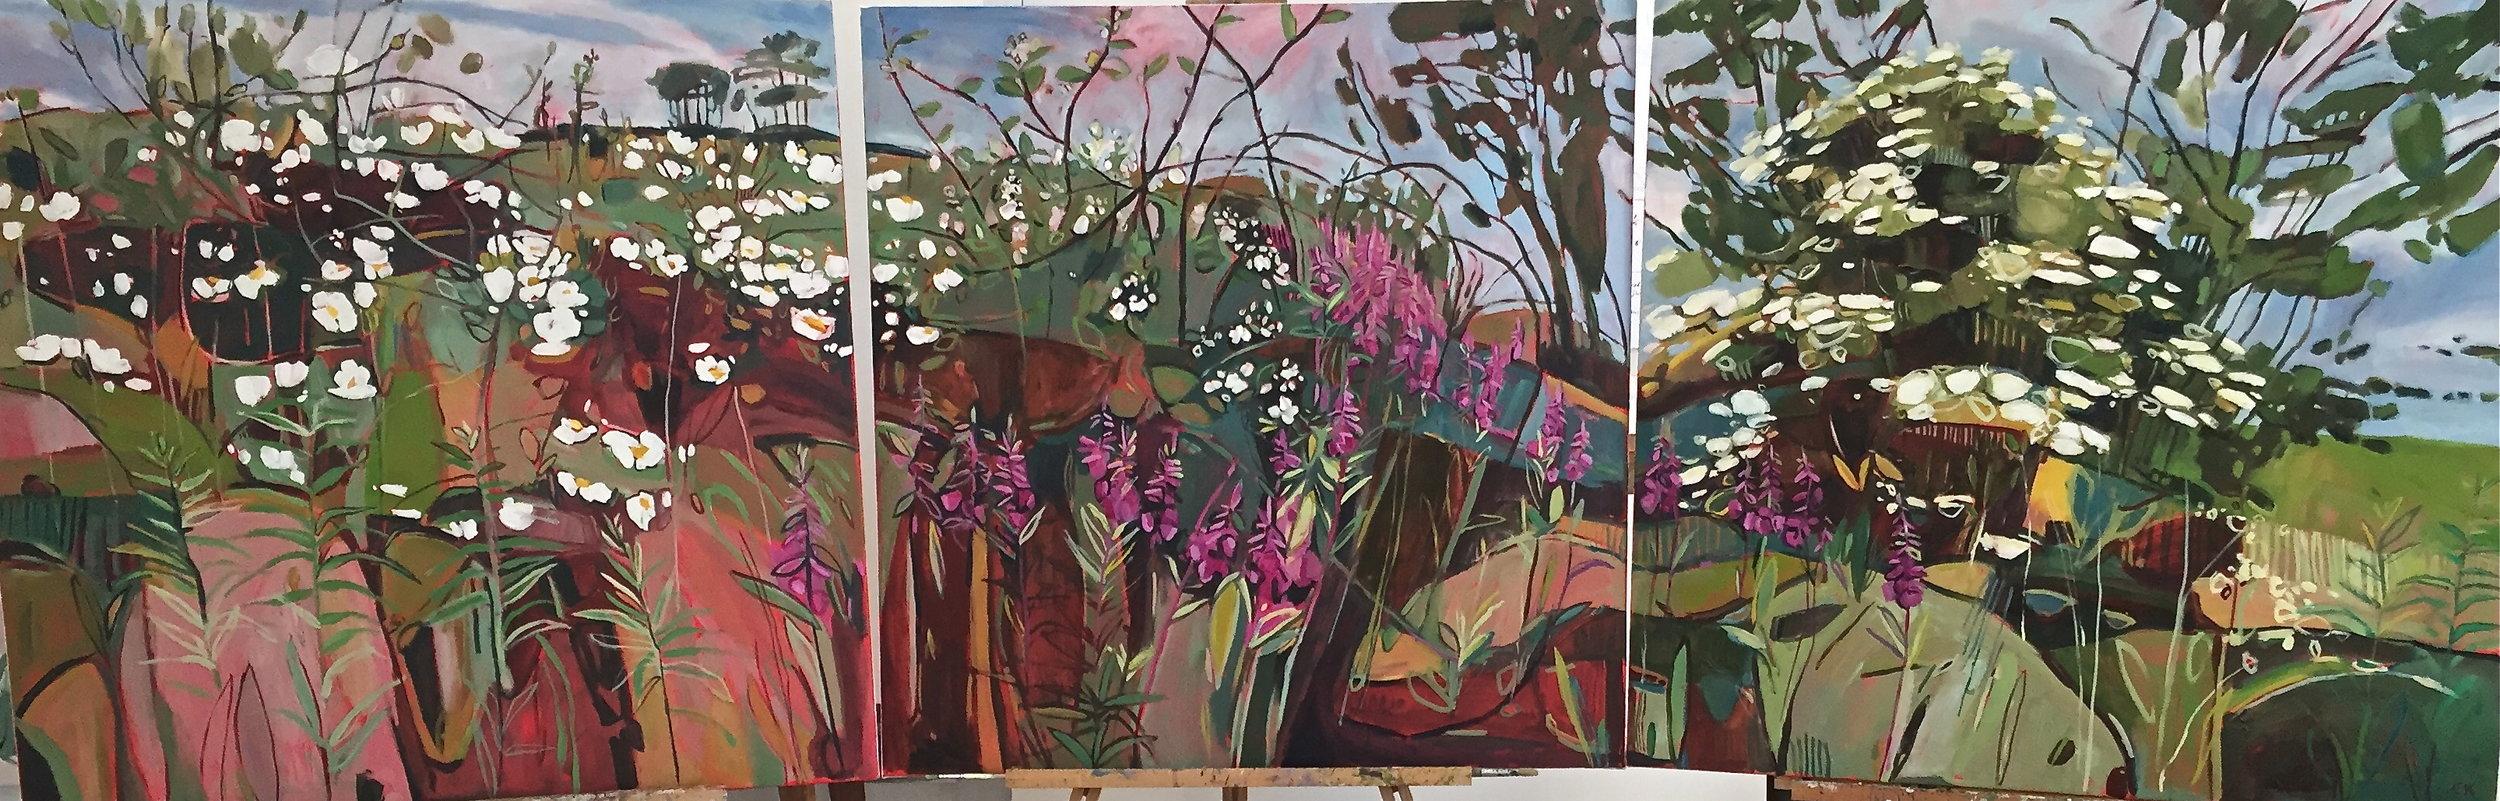 Midsummer Triptych , Eglantine, Bramble, Rose Bay Willow Herb ad Elder